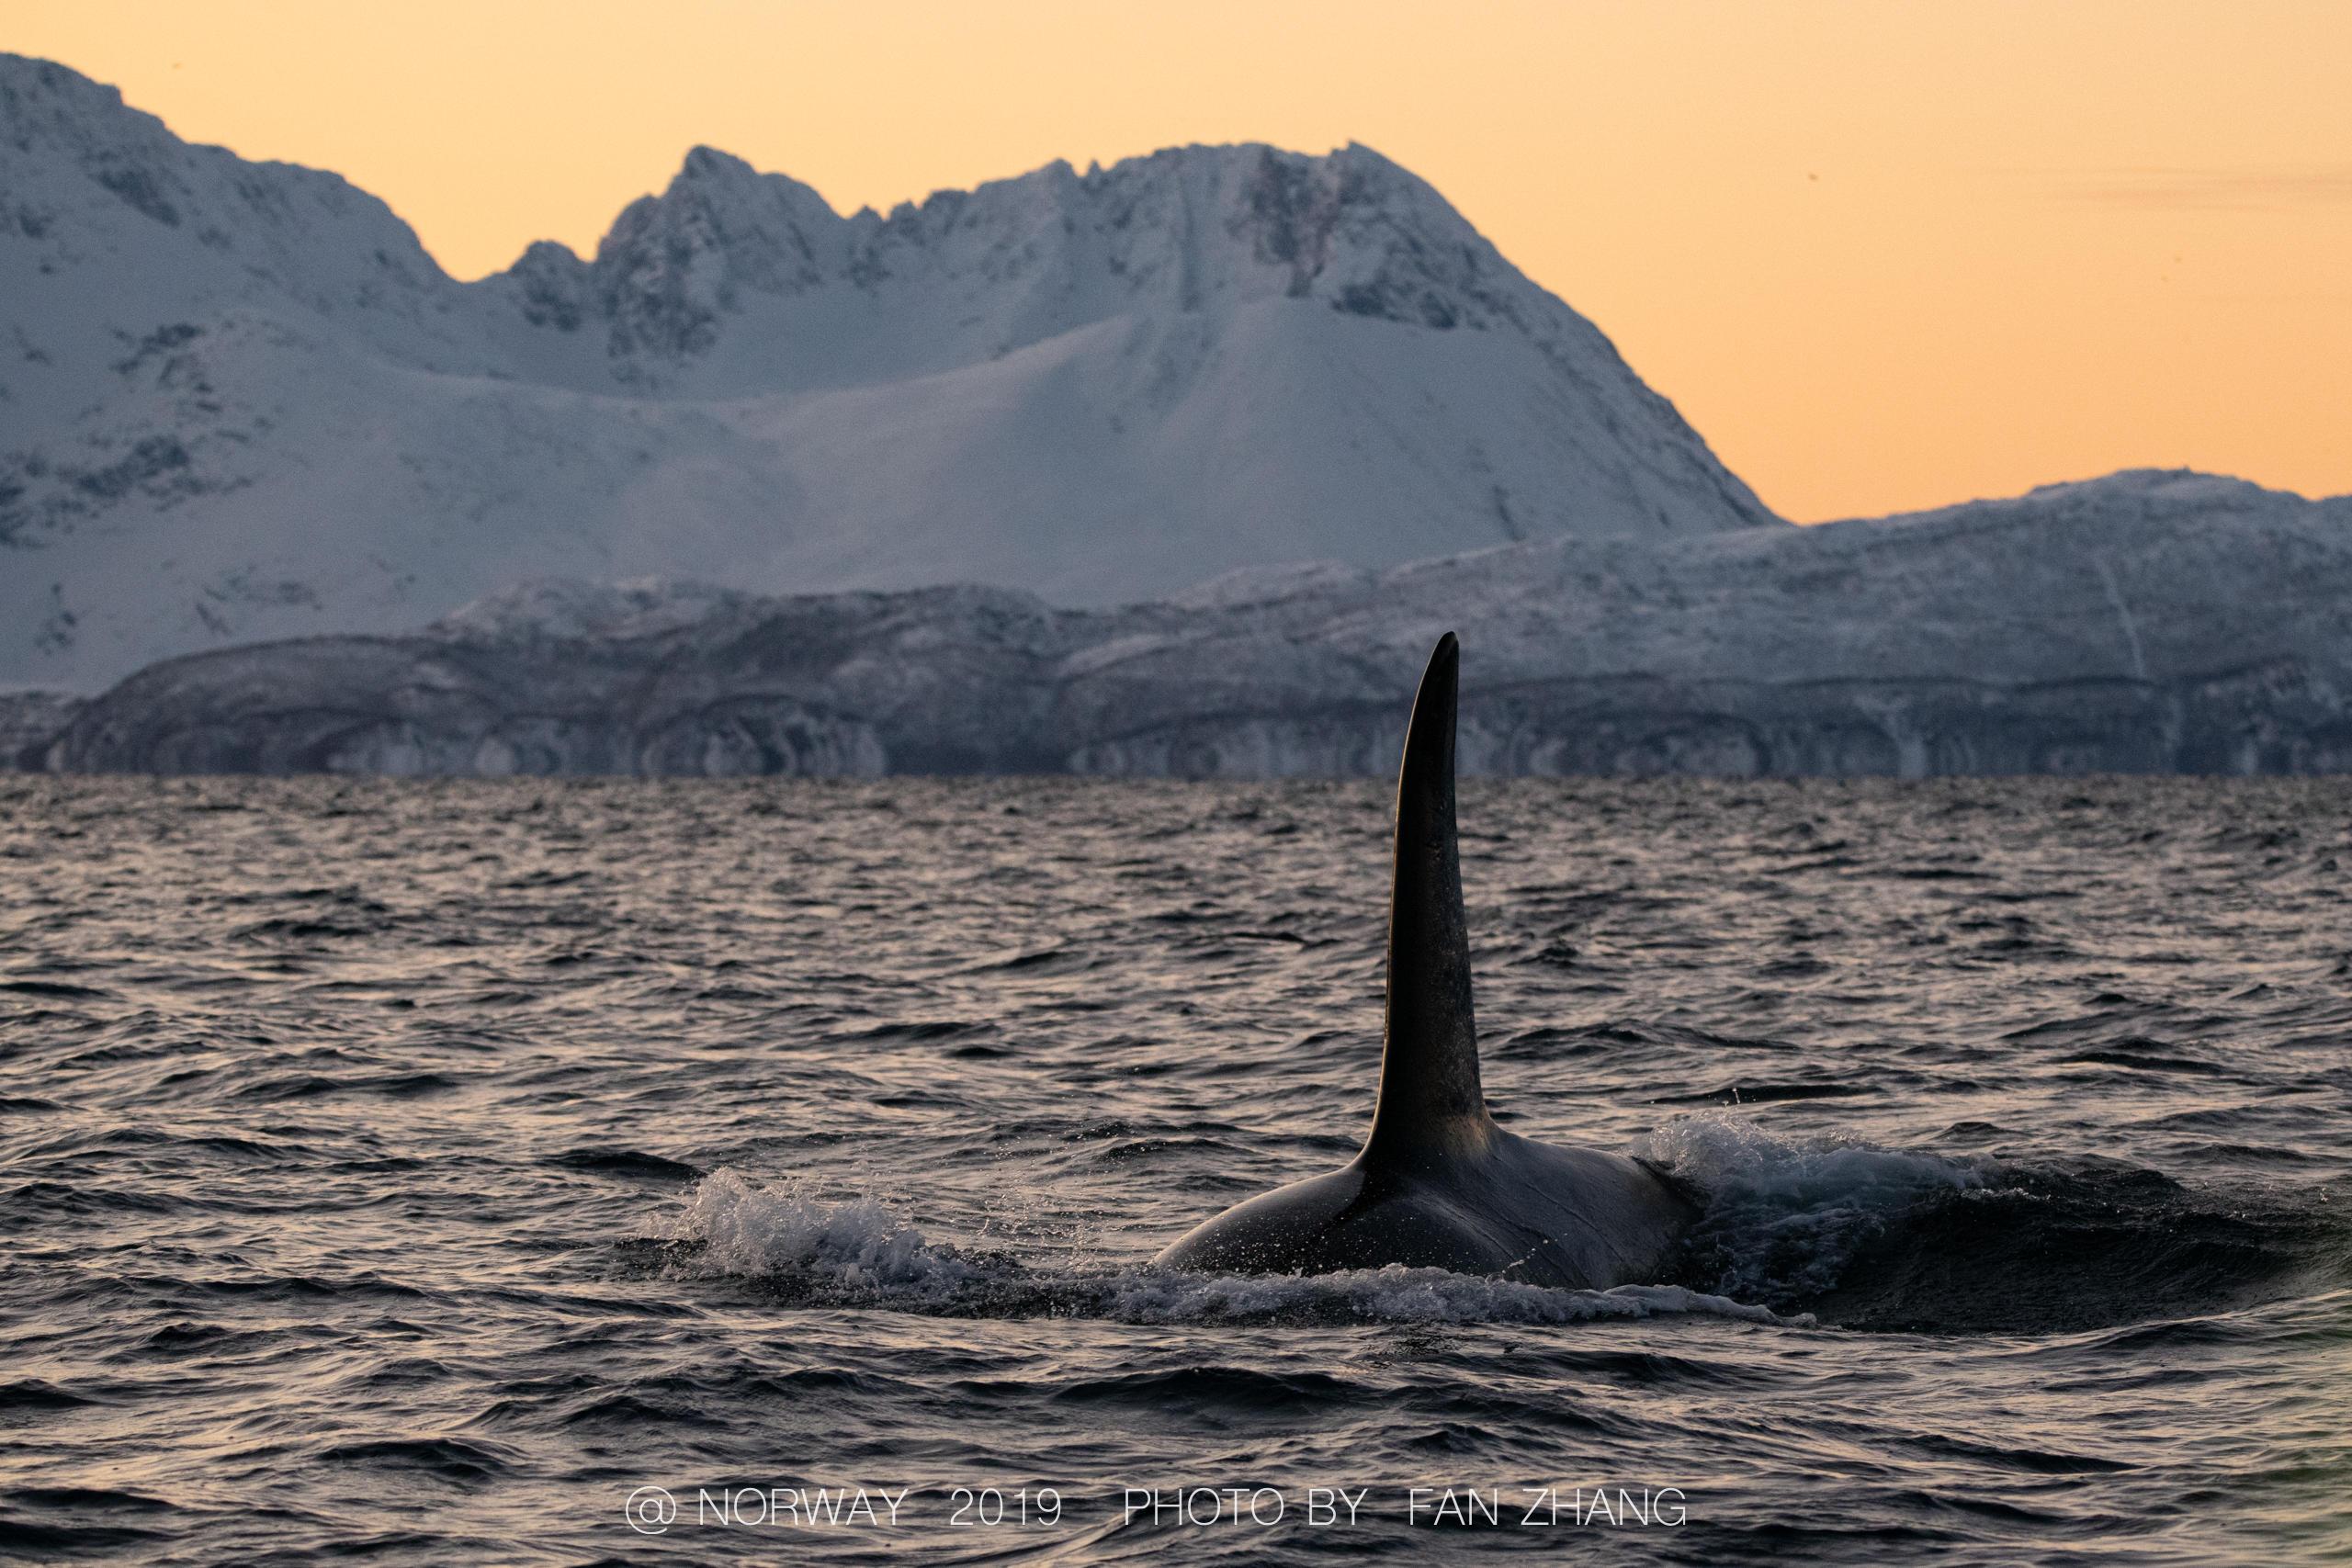 一头巨大的雄鲸独自徘徊在峡湾中 涨姿势 第6张